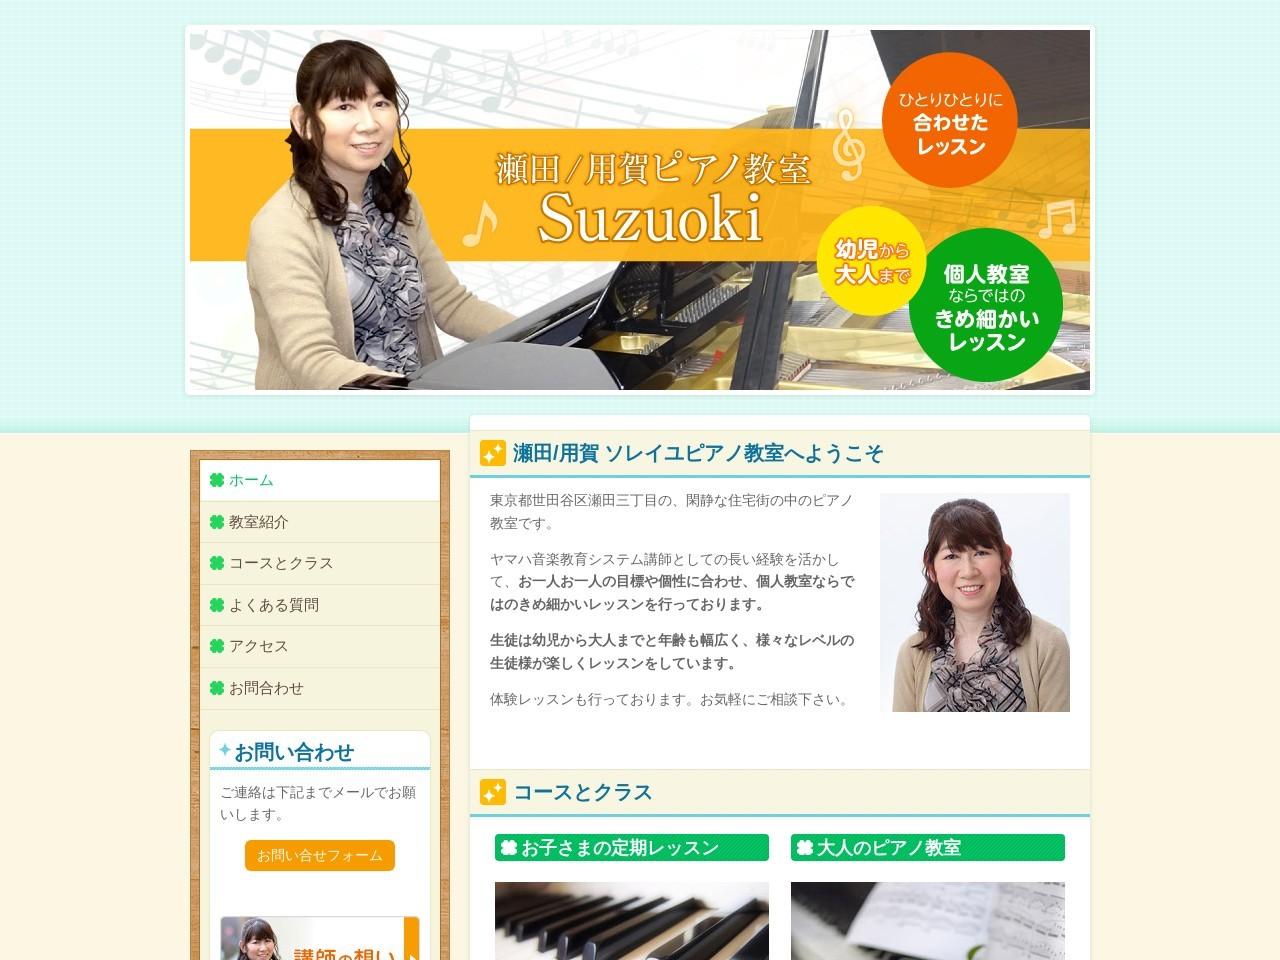 瀬田/用賀ピアノ教室Suzuokiのサムネイル